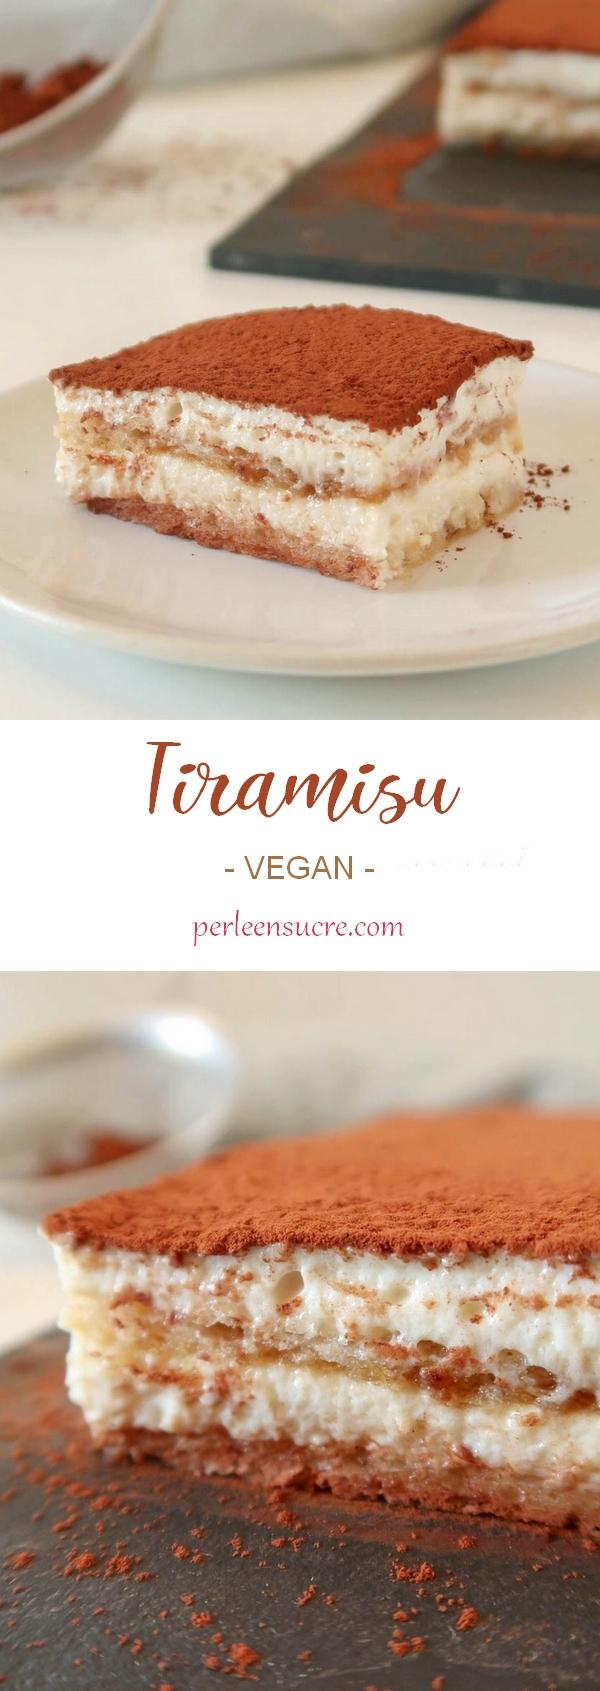 Tiramisu sans lactose et sans oeufs {vegan